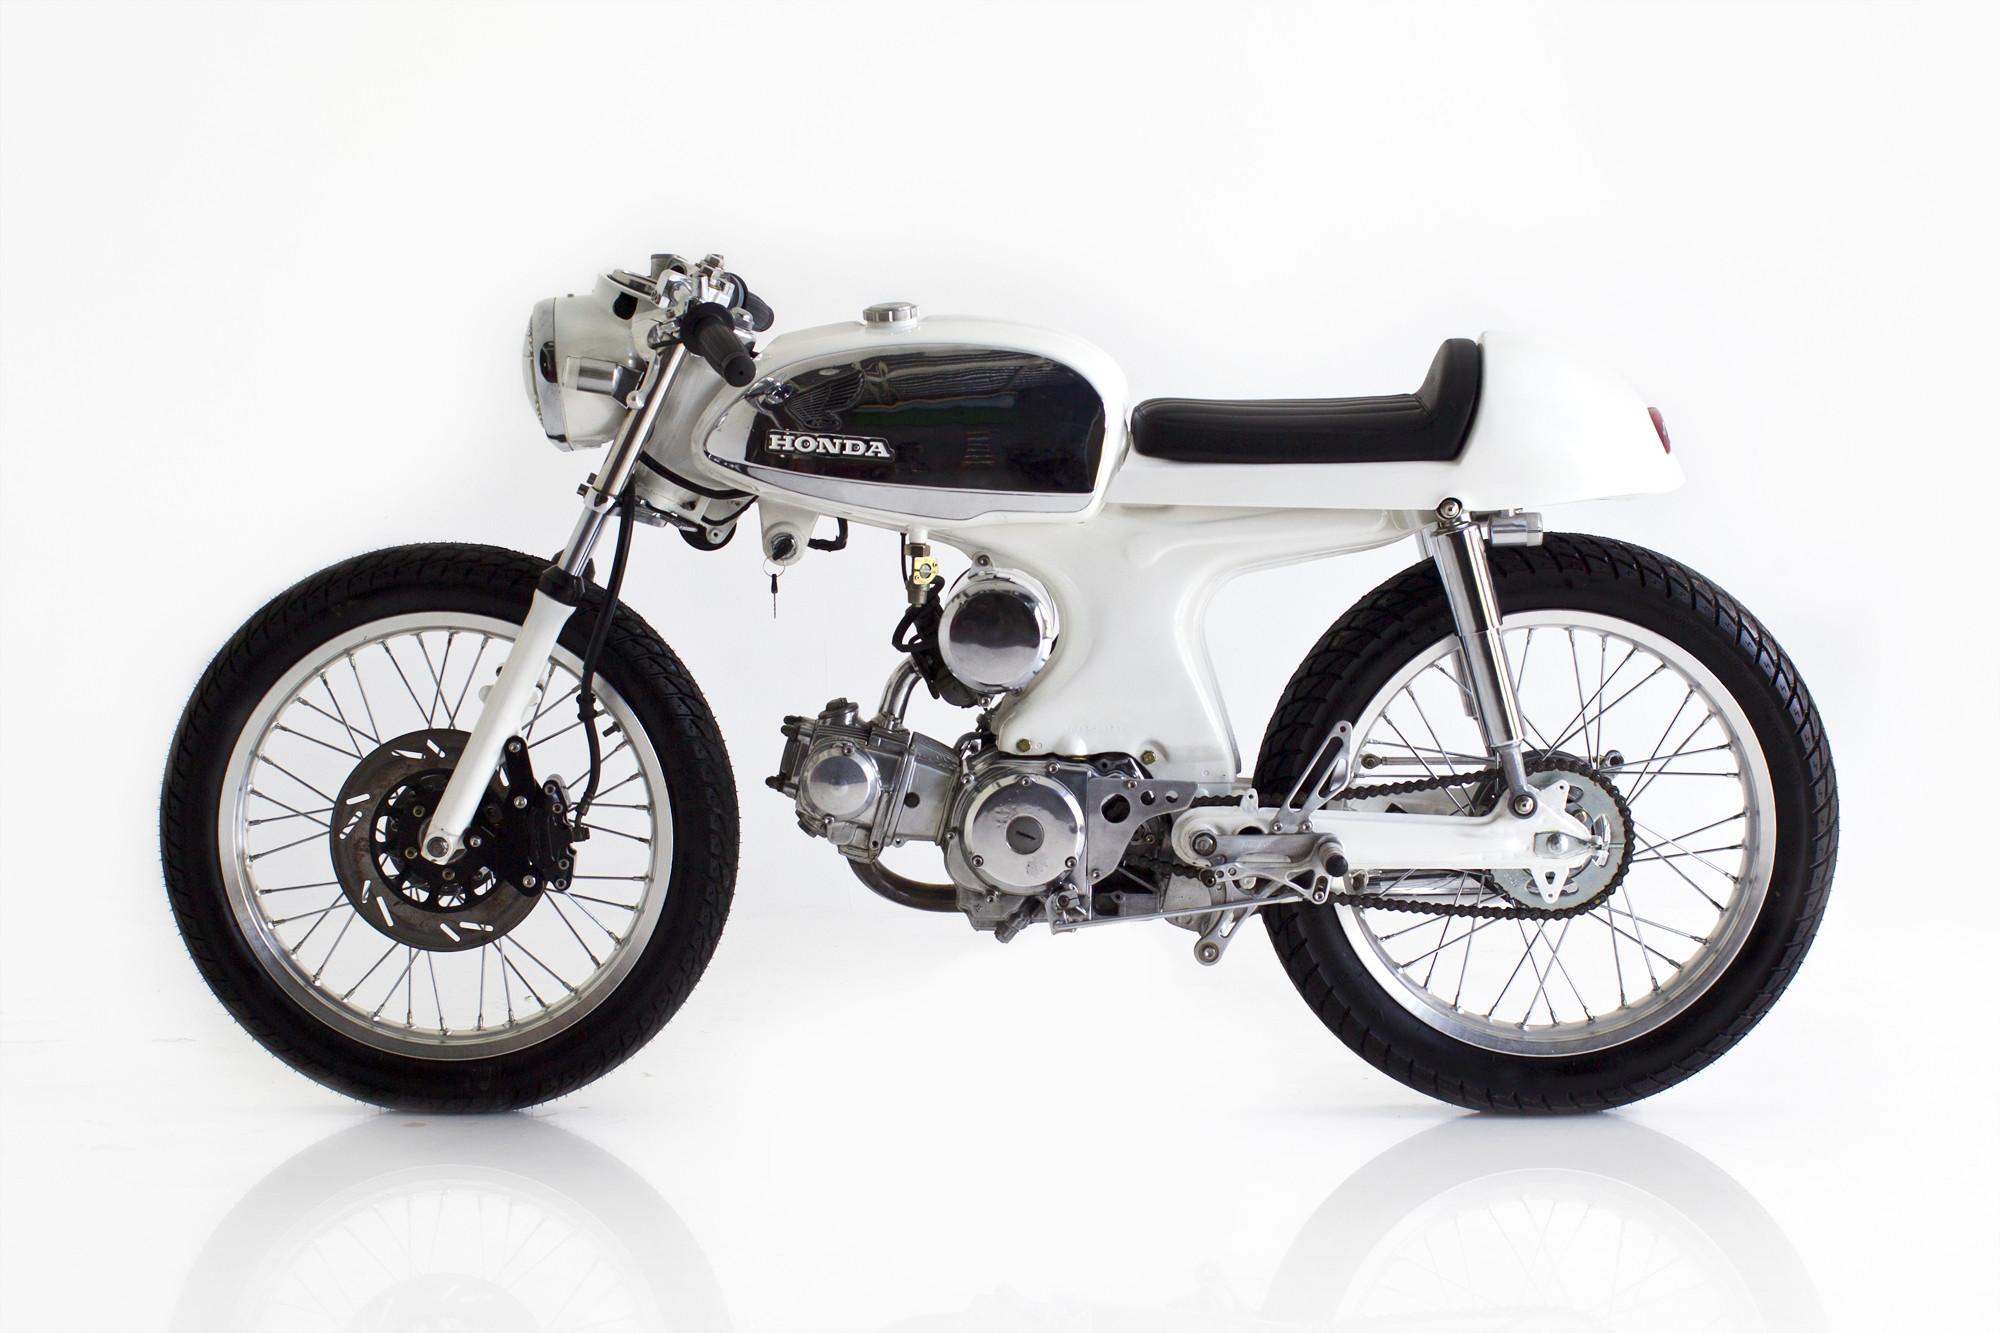 Deus-Ex Machina Custom Honda S90 Cafe Racer e wallpaper      165912   WallpaperUP